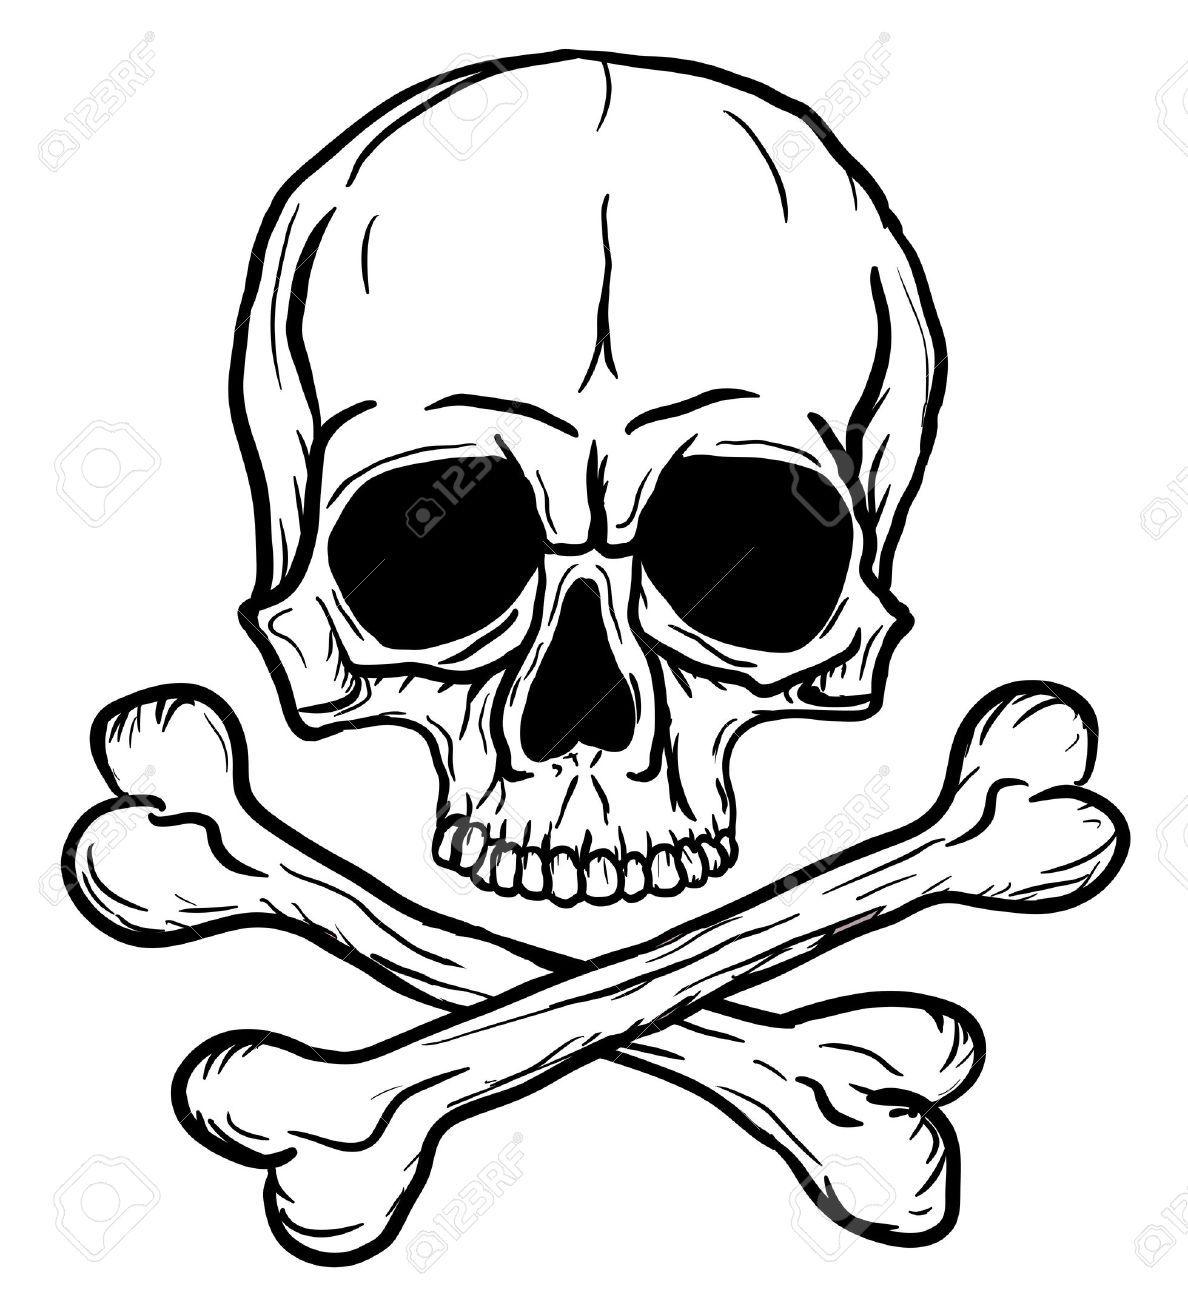 Schadel Und Knochen Auf Weissem Hintergrund Isoliert Schadel Schablone Schadel Malerei Schadelkunst